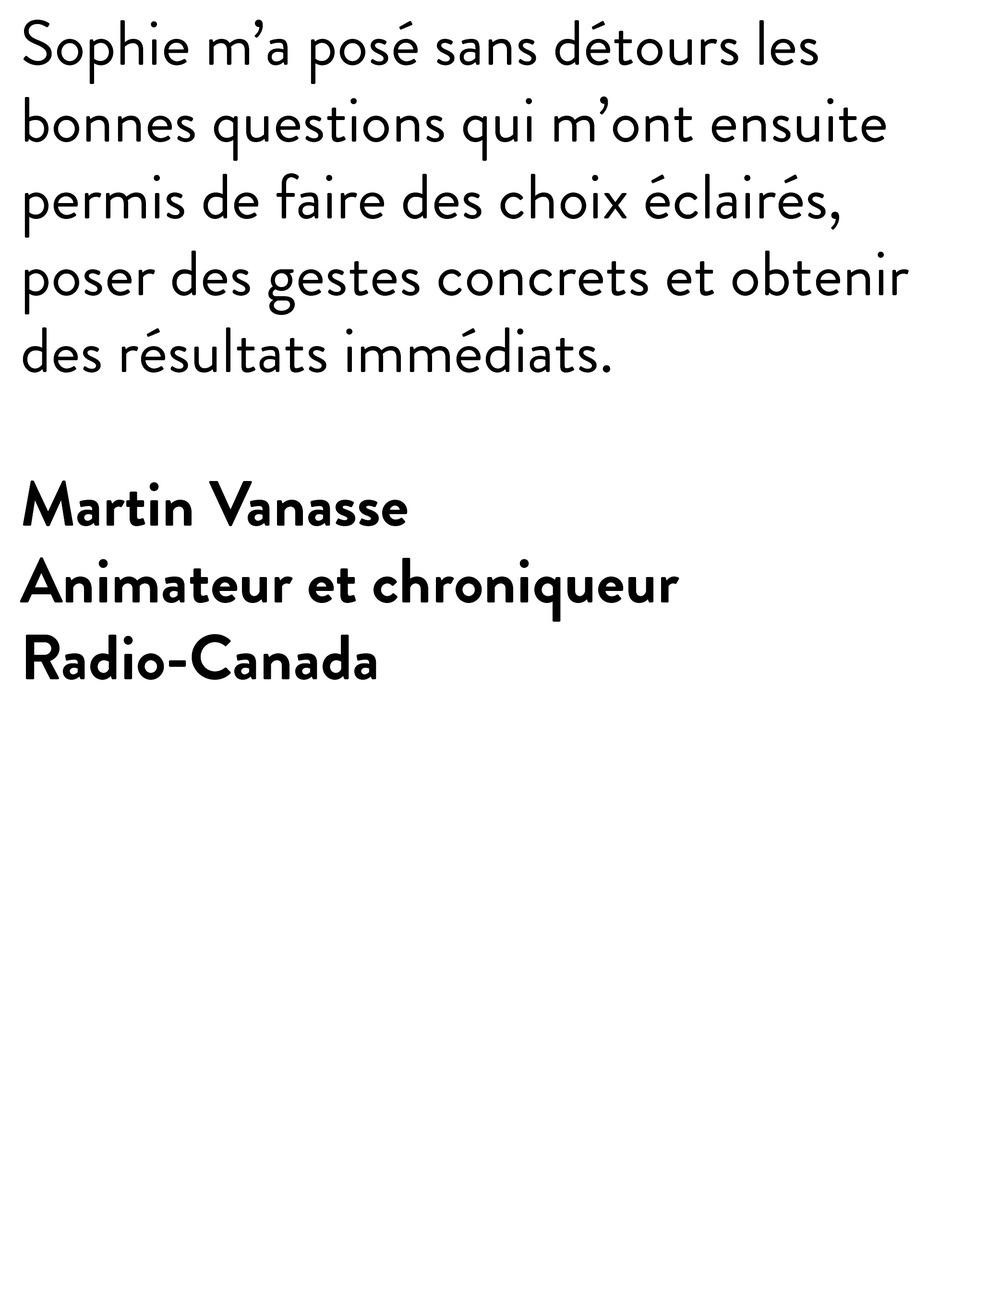 Martin_Vanasse_Radio-Canada_.jpg